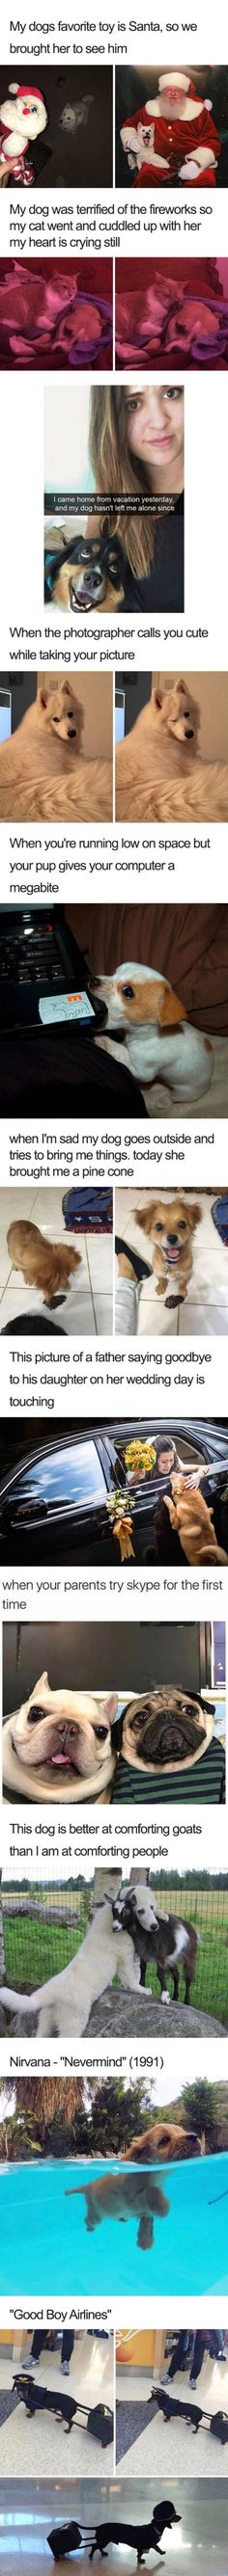 Dog memes are so heartwarming